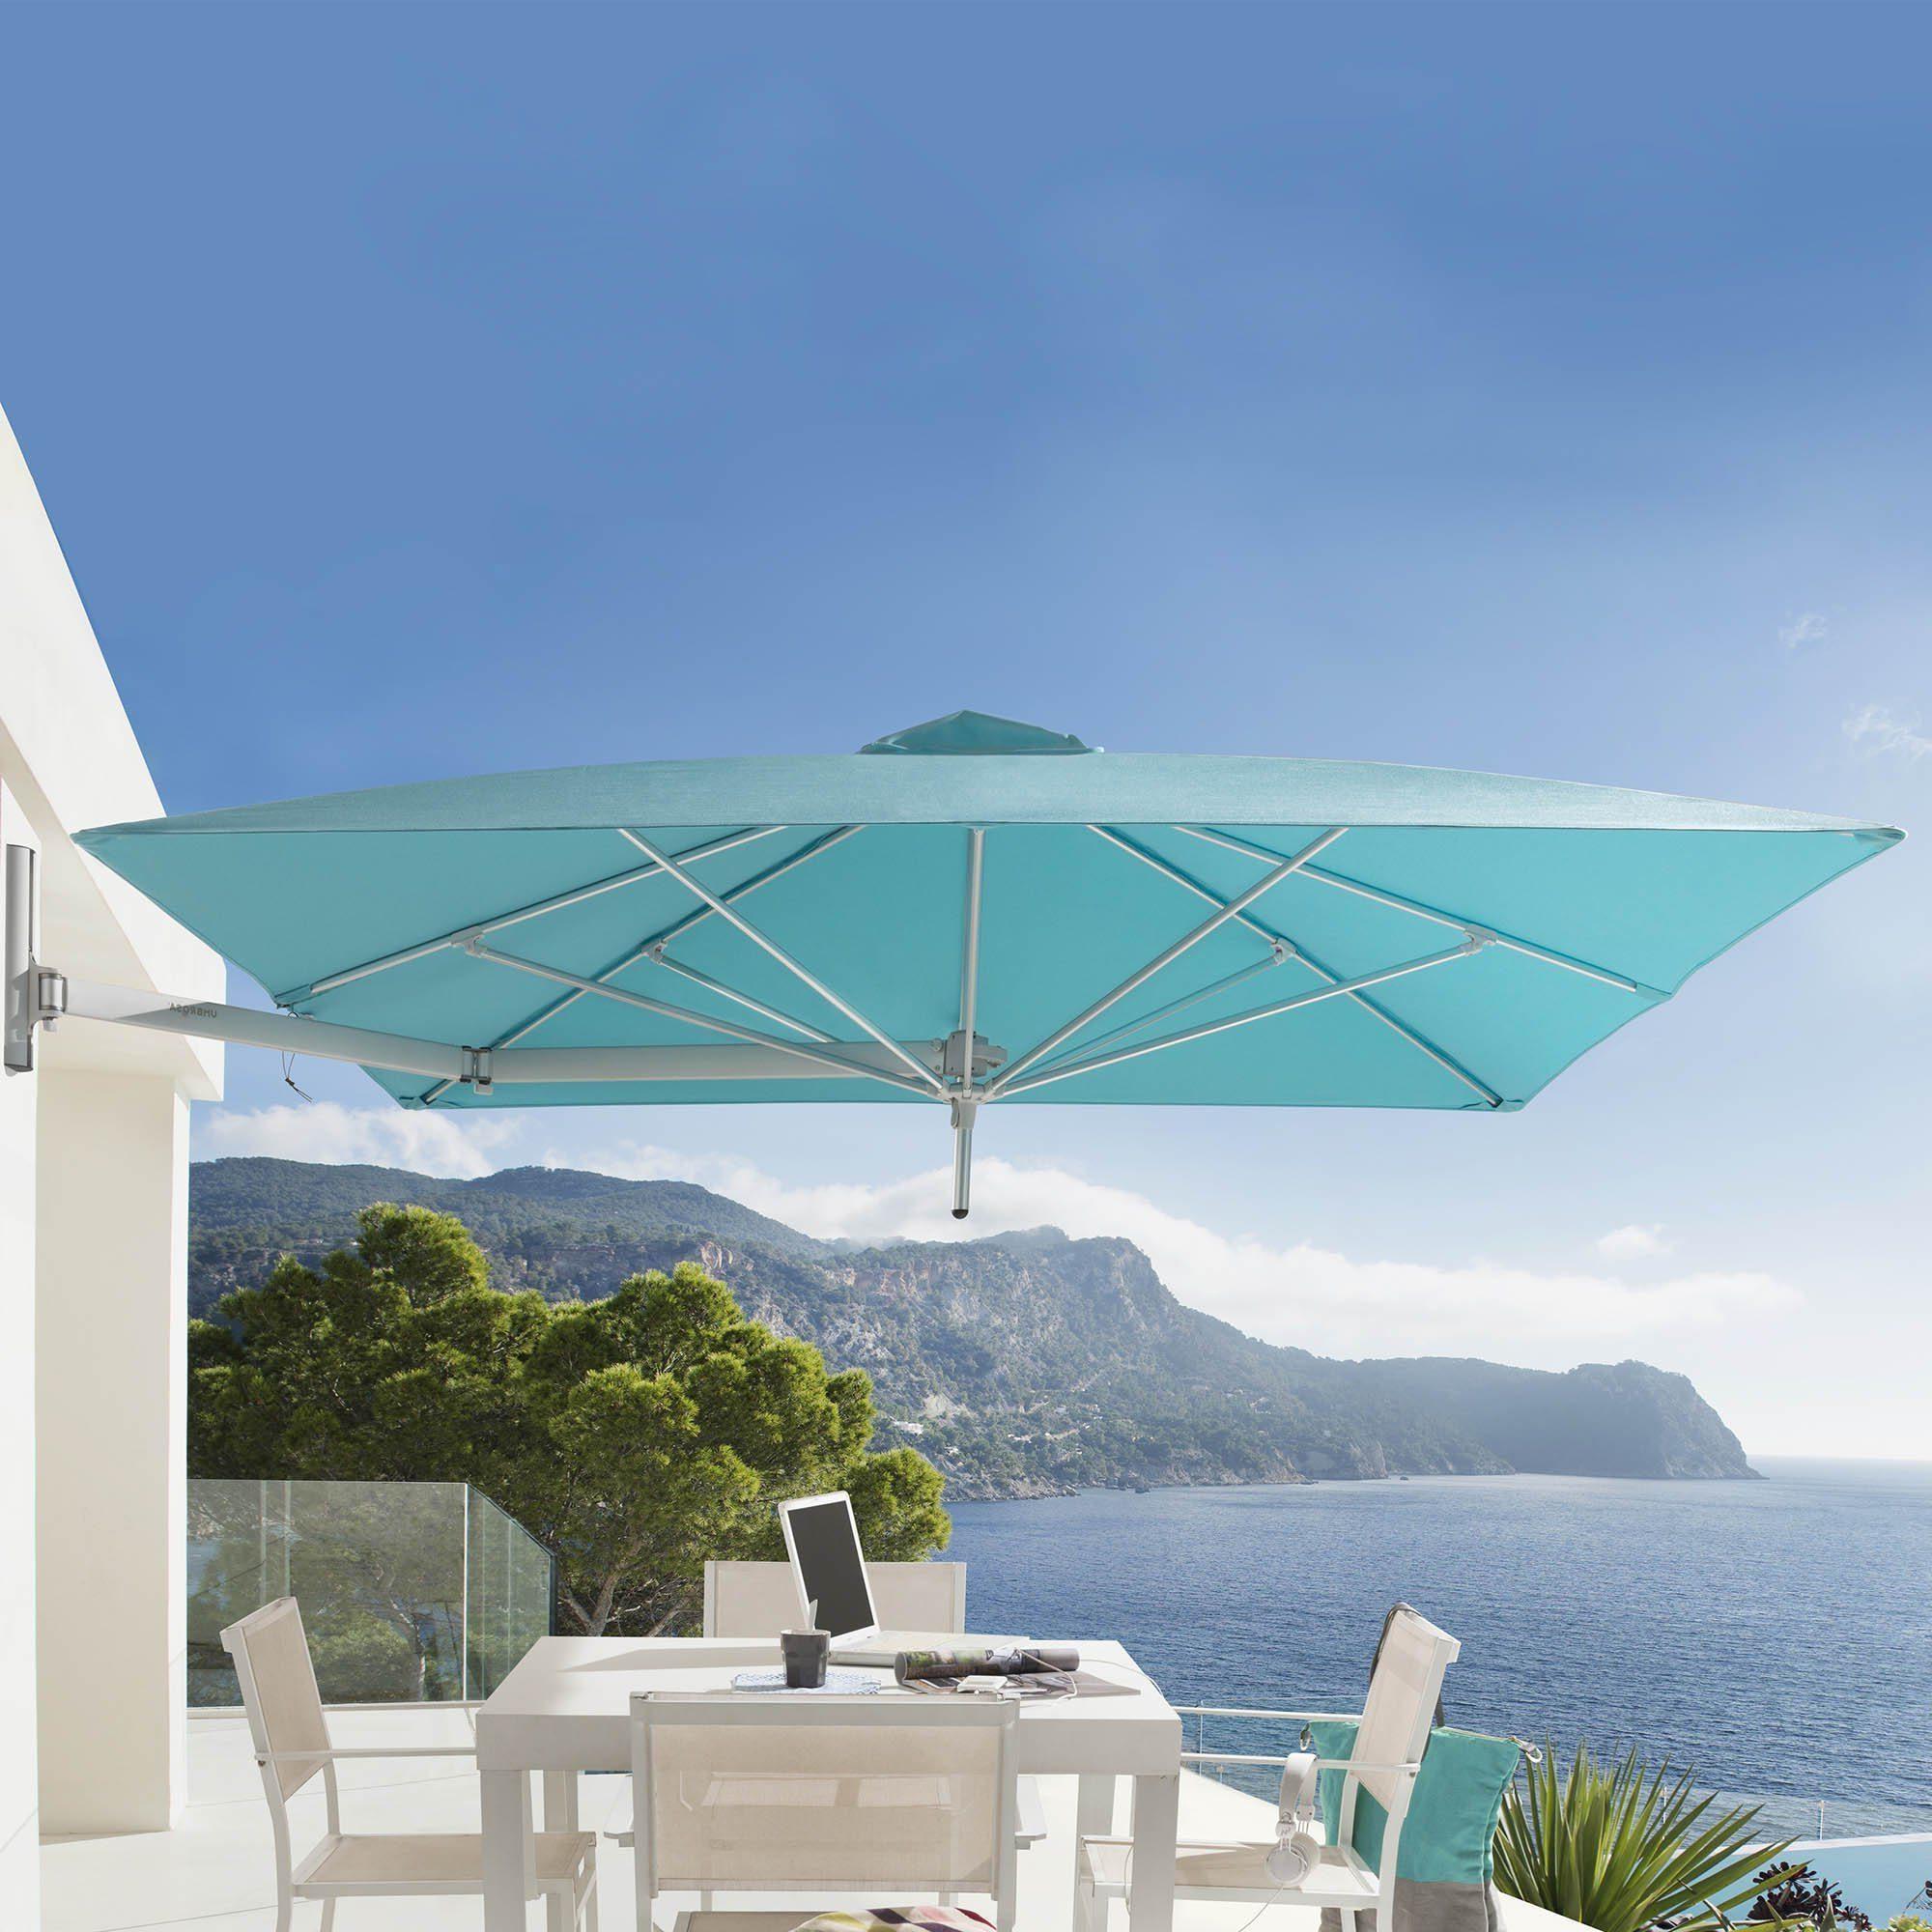 Det väggmonterade parasollet Paraflex från Umbrosa.